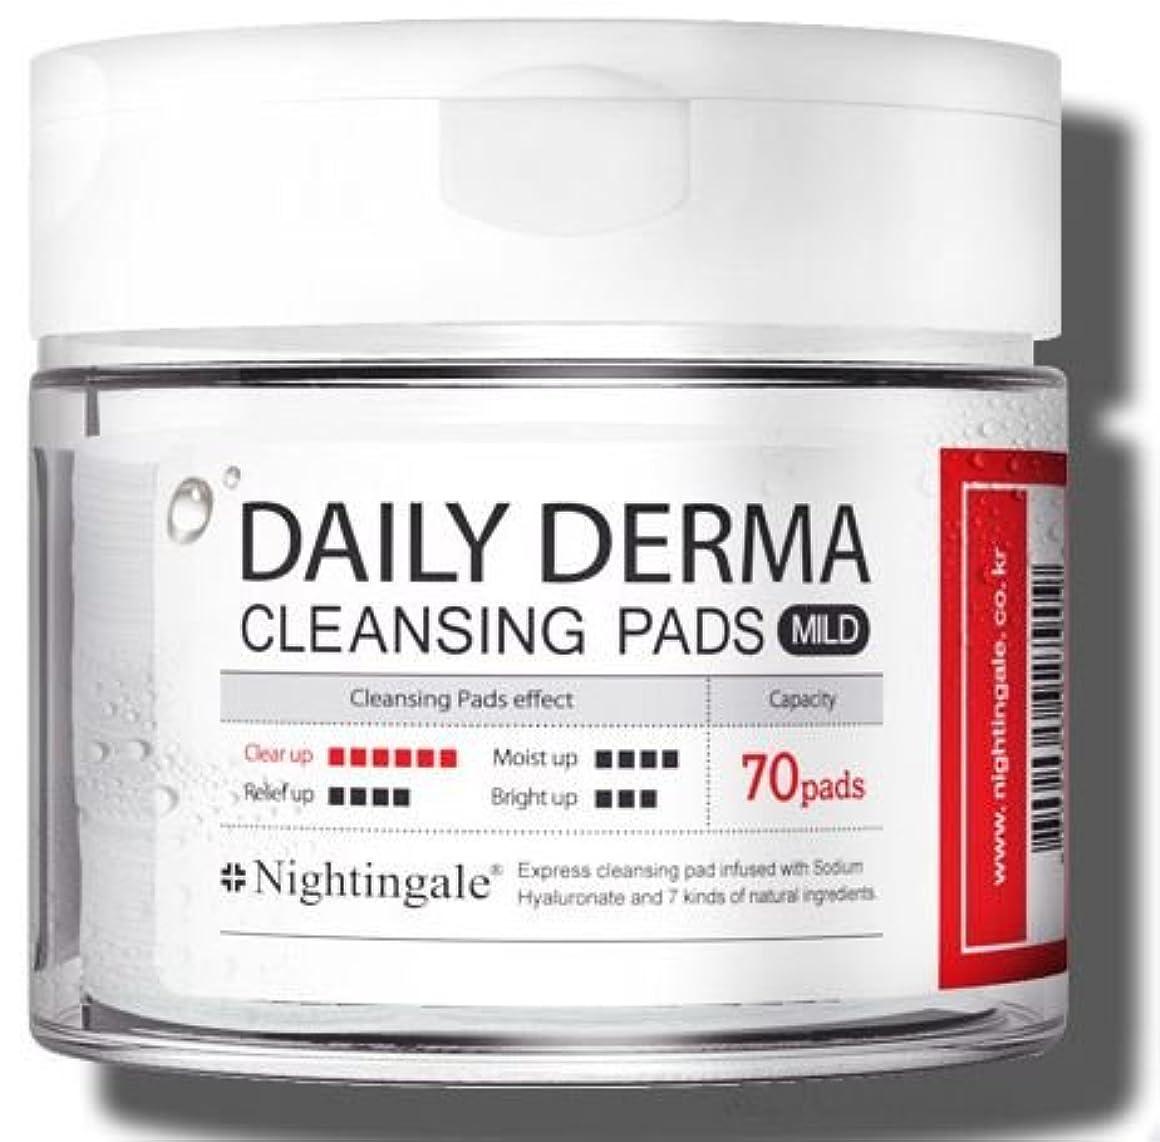 離婚群れ横たわるNightingale Daily Derma Cleansing Pads * Mild * 70pads/ナイチンゲール デイリー ダーマ クレンジング パッド * マイルド * 70枚入り [並行輸入品]